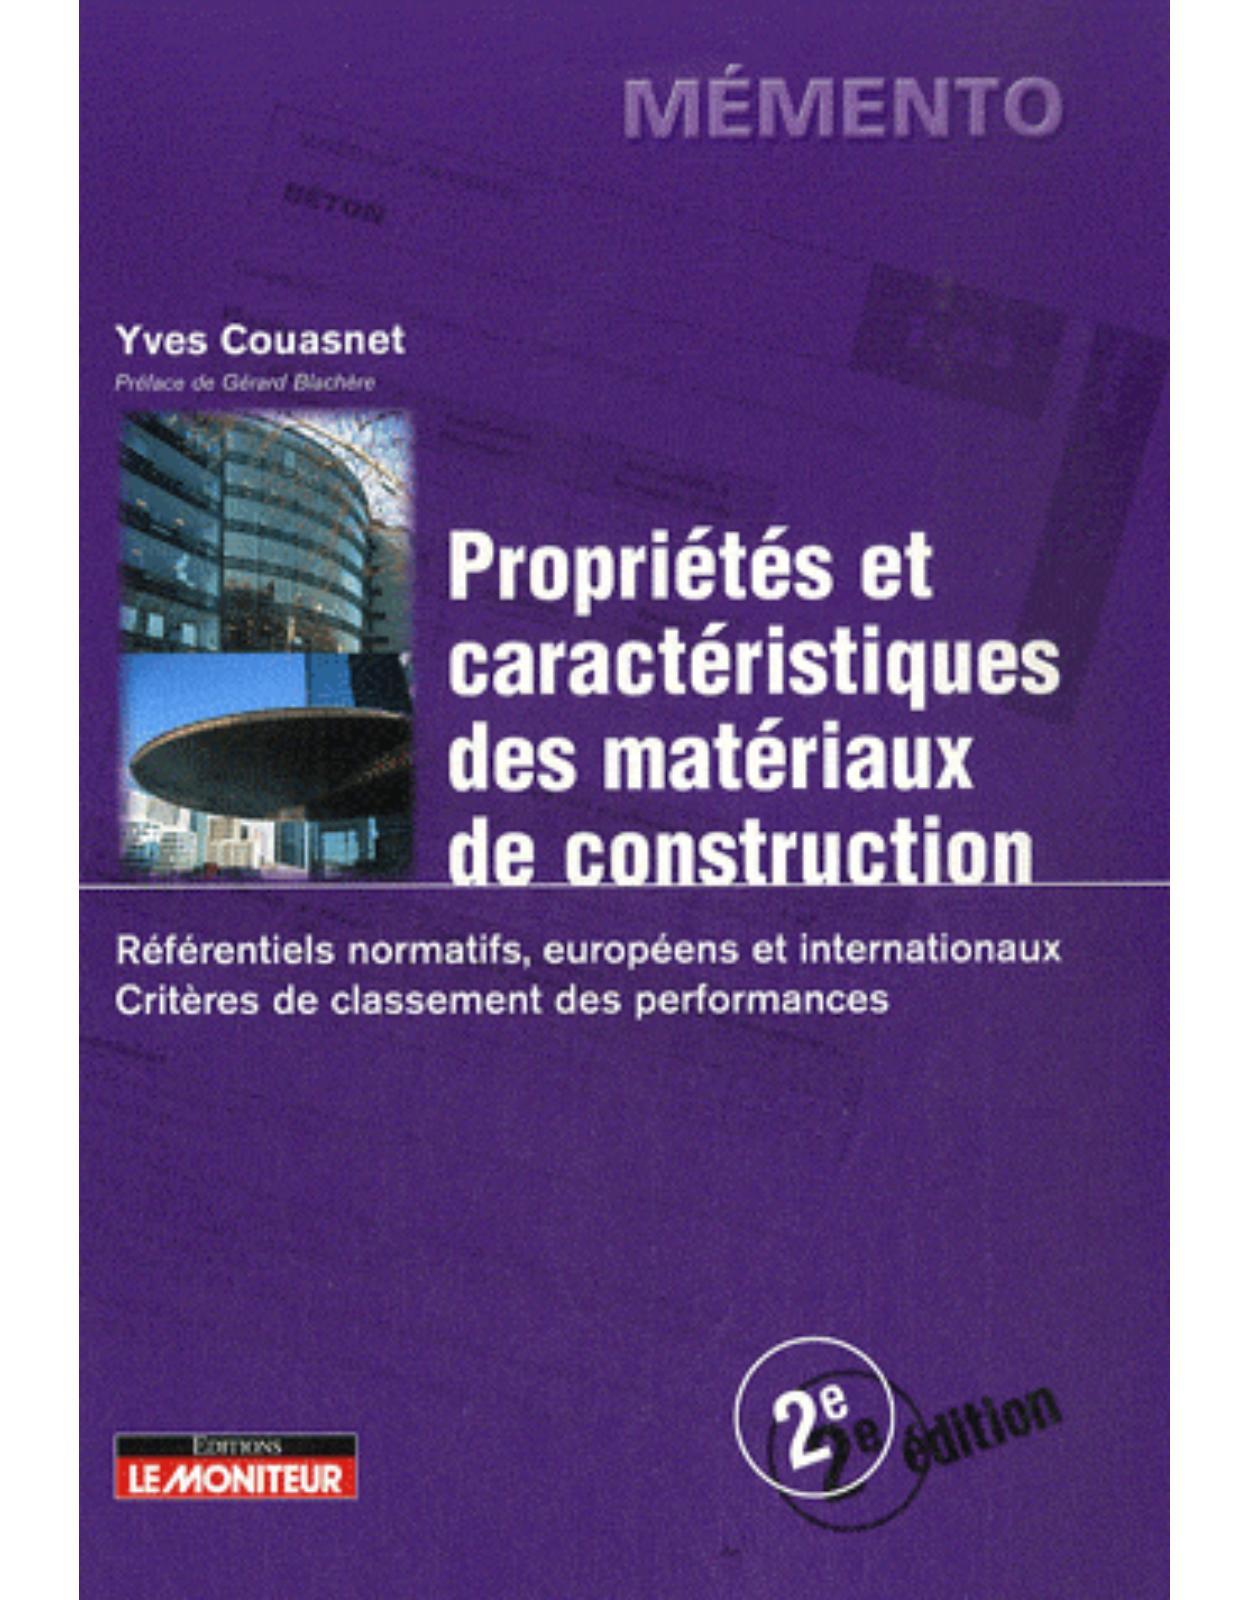 Memento - Propriétés et caractéristiques des matériaux de construction